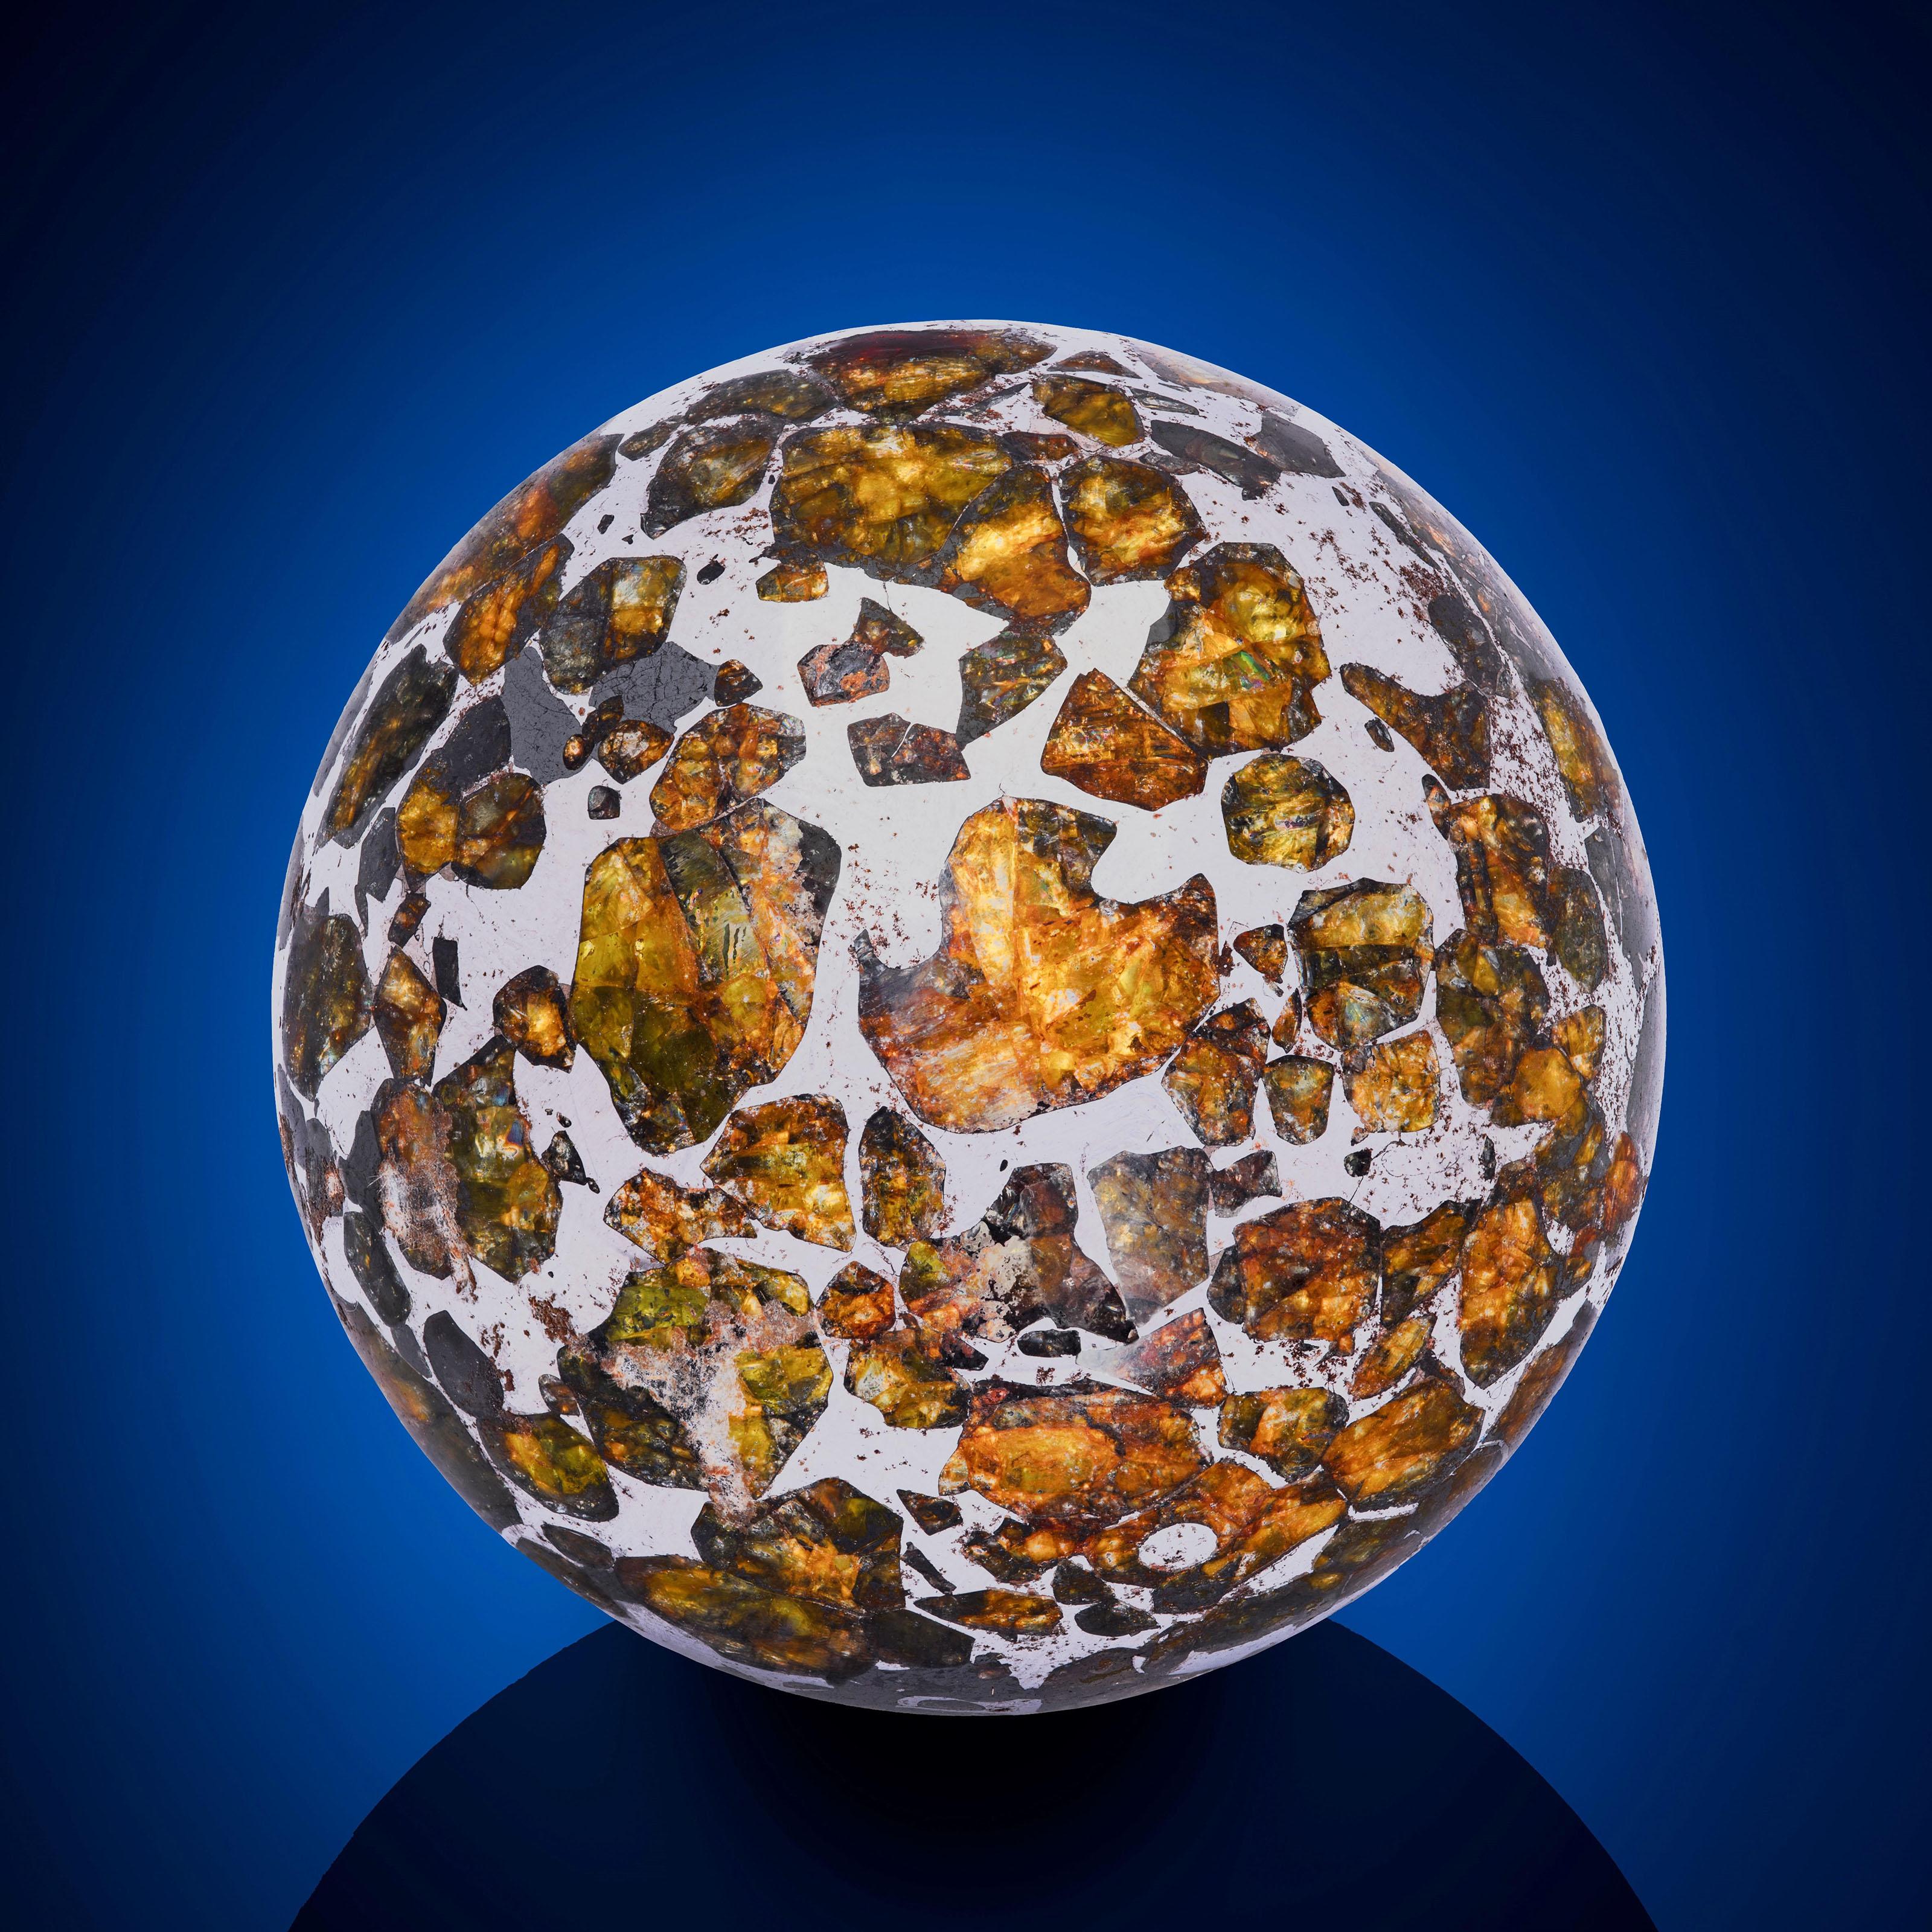 SEYMCHAN METEORITE SPHERE — AN EXTRATERRESTRIAL CRYSTAL BALL